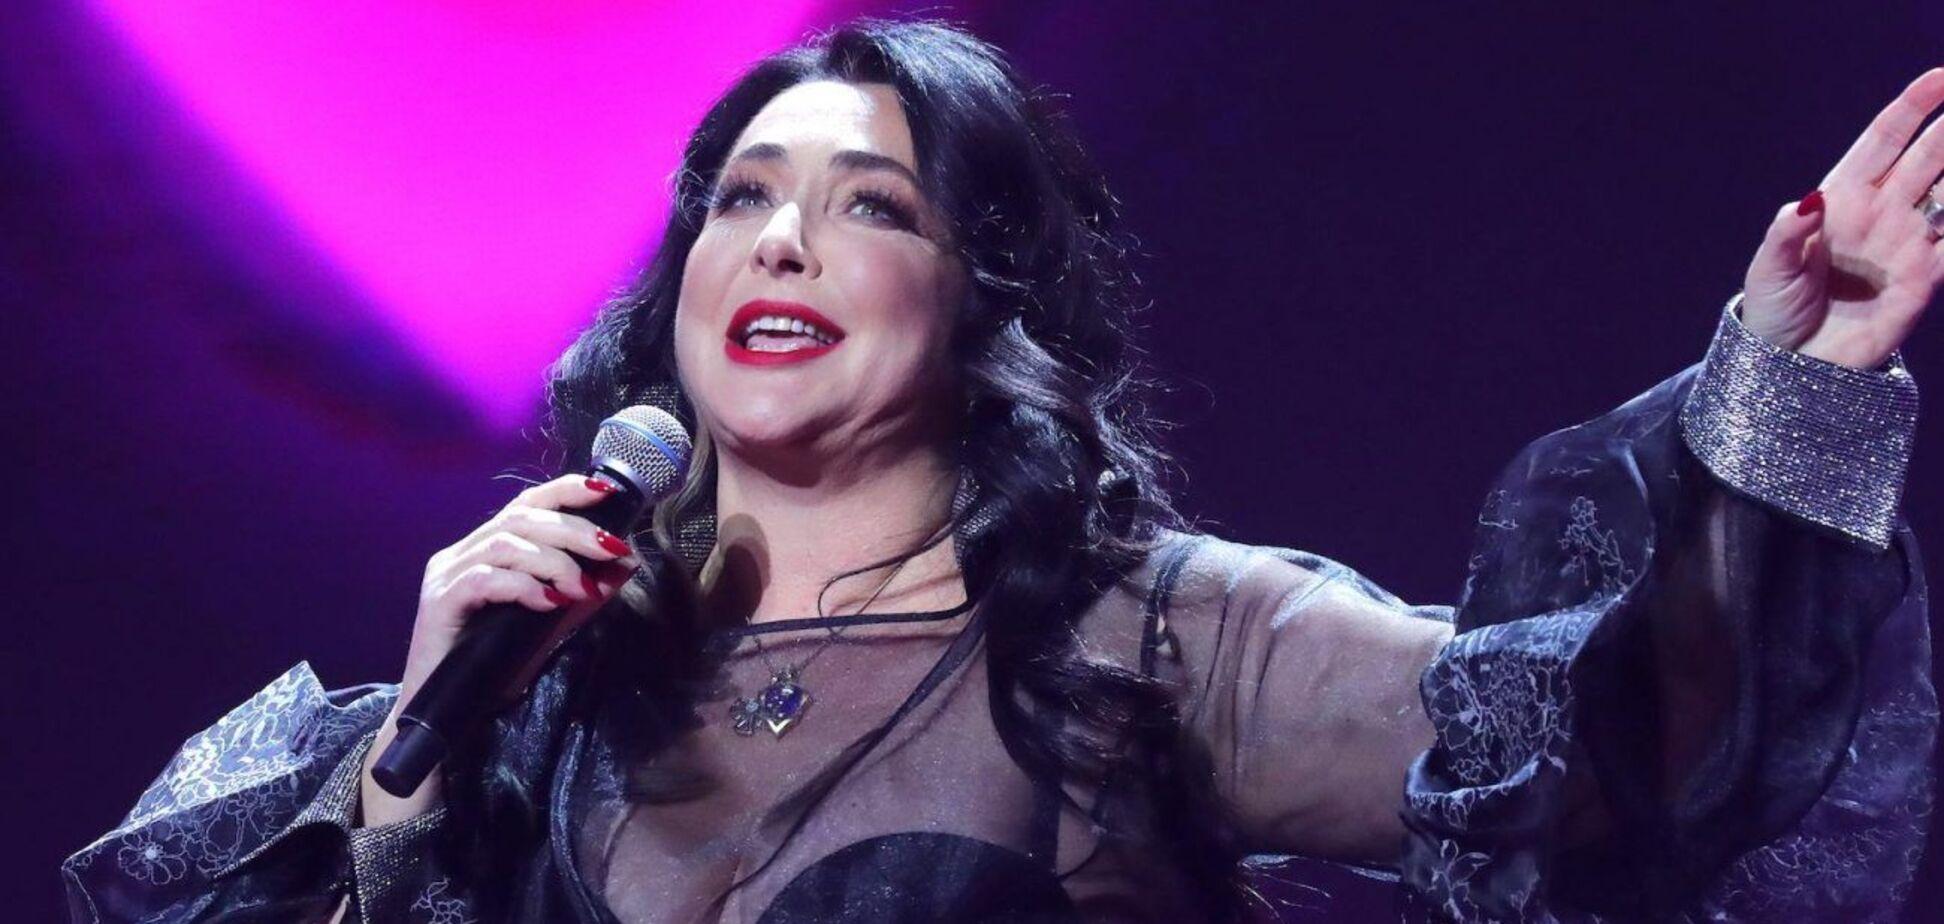 Певица Лолита попала в ДТП в Москве. Видео